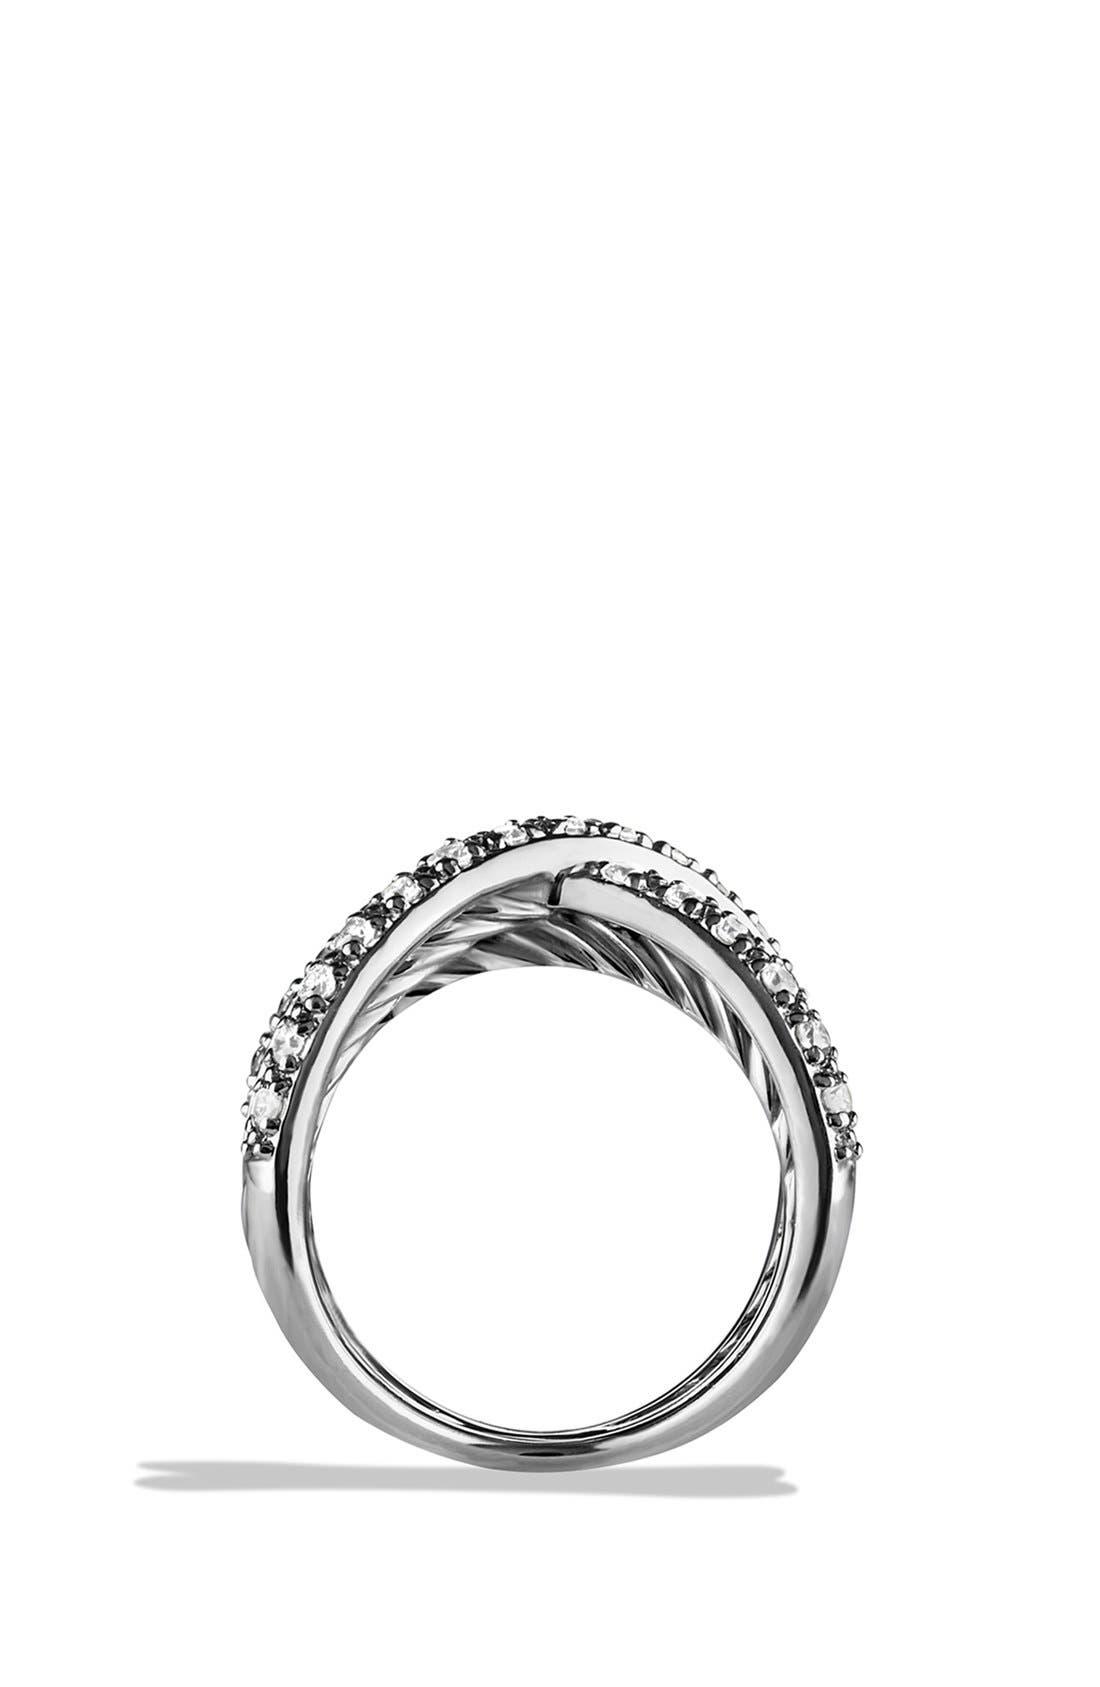 Alternate Image 2  - David Yurman 'Crossover' Pavé Diamond Ring